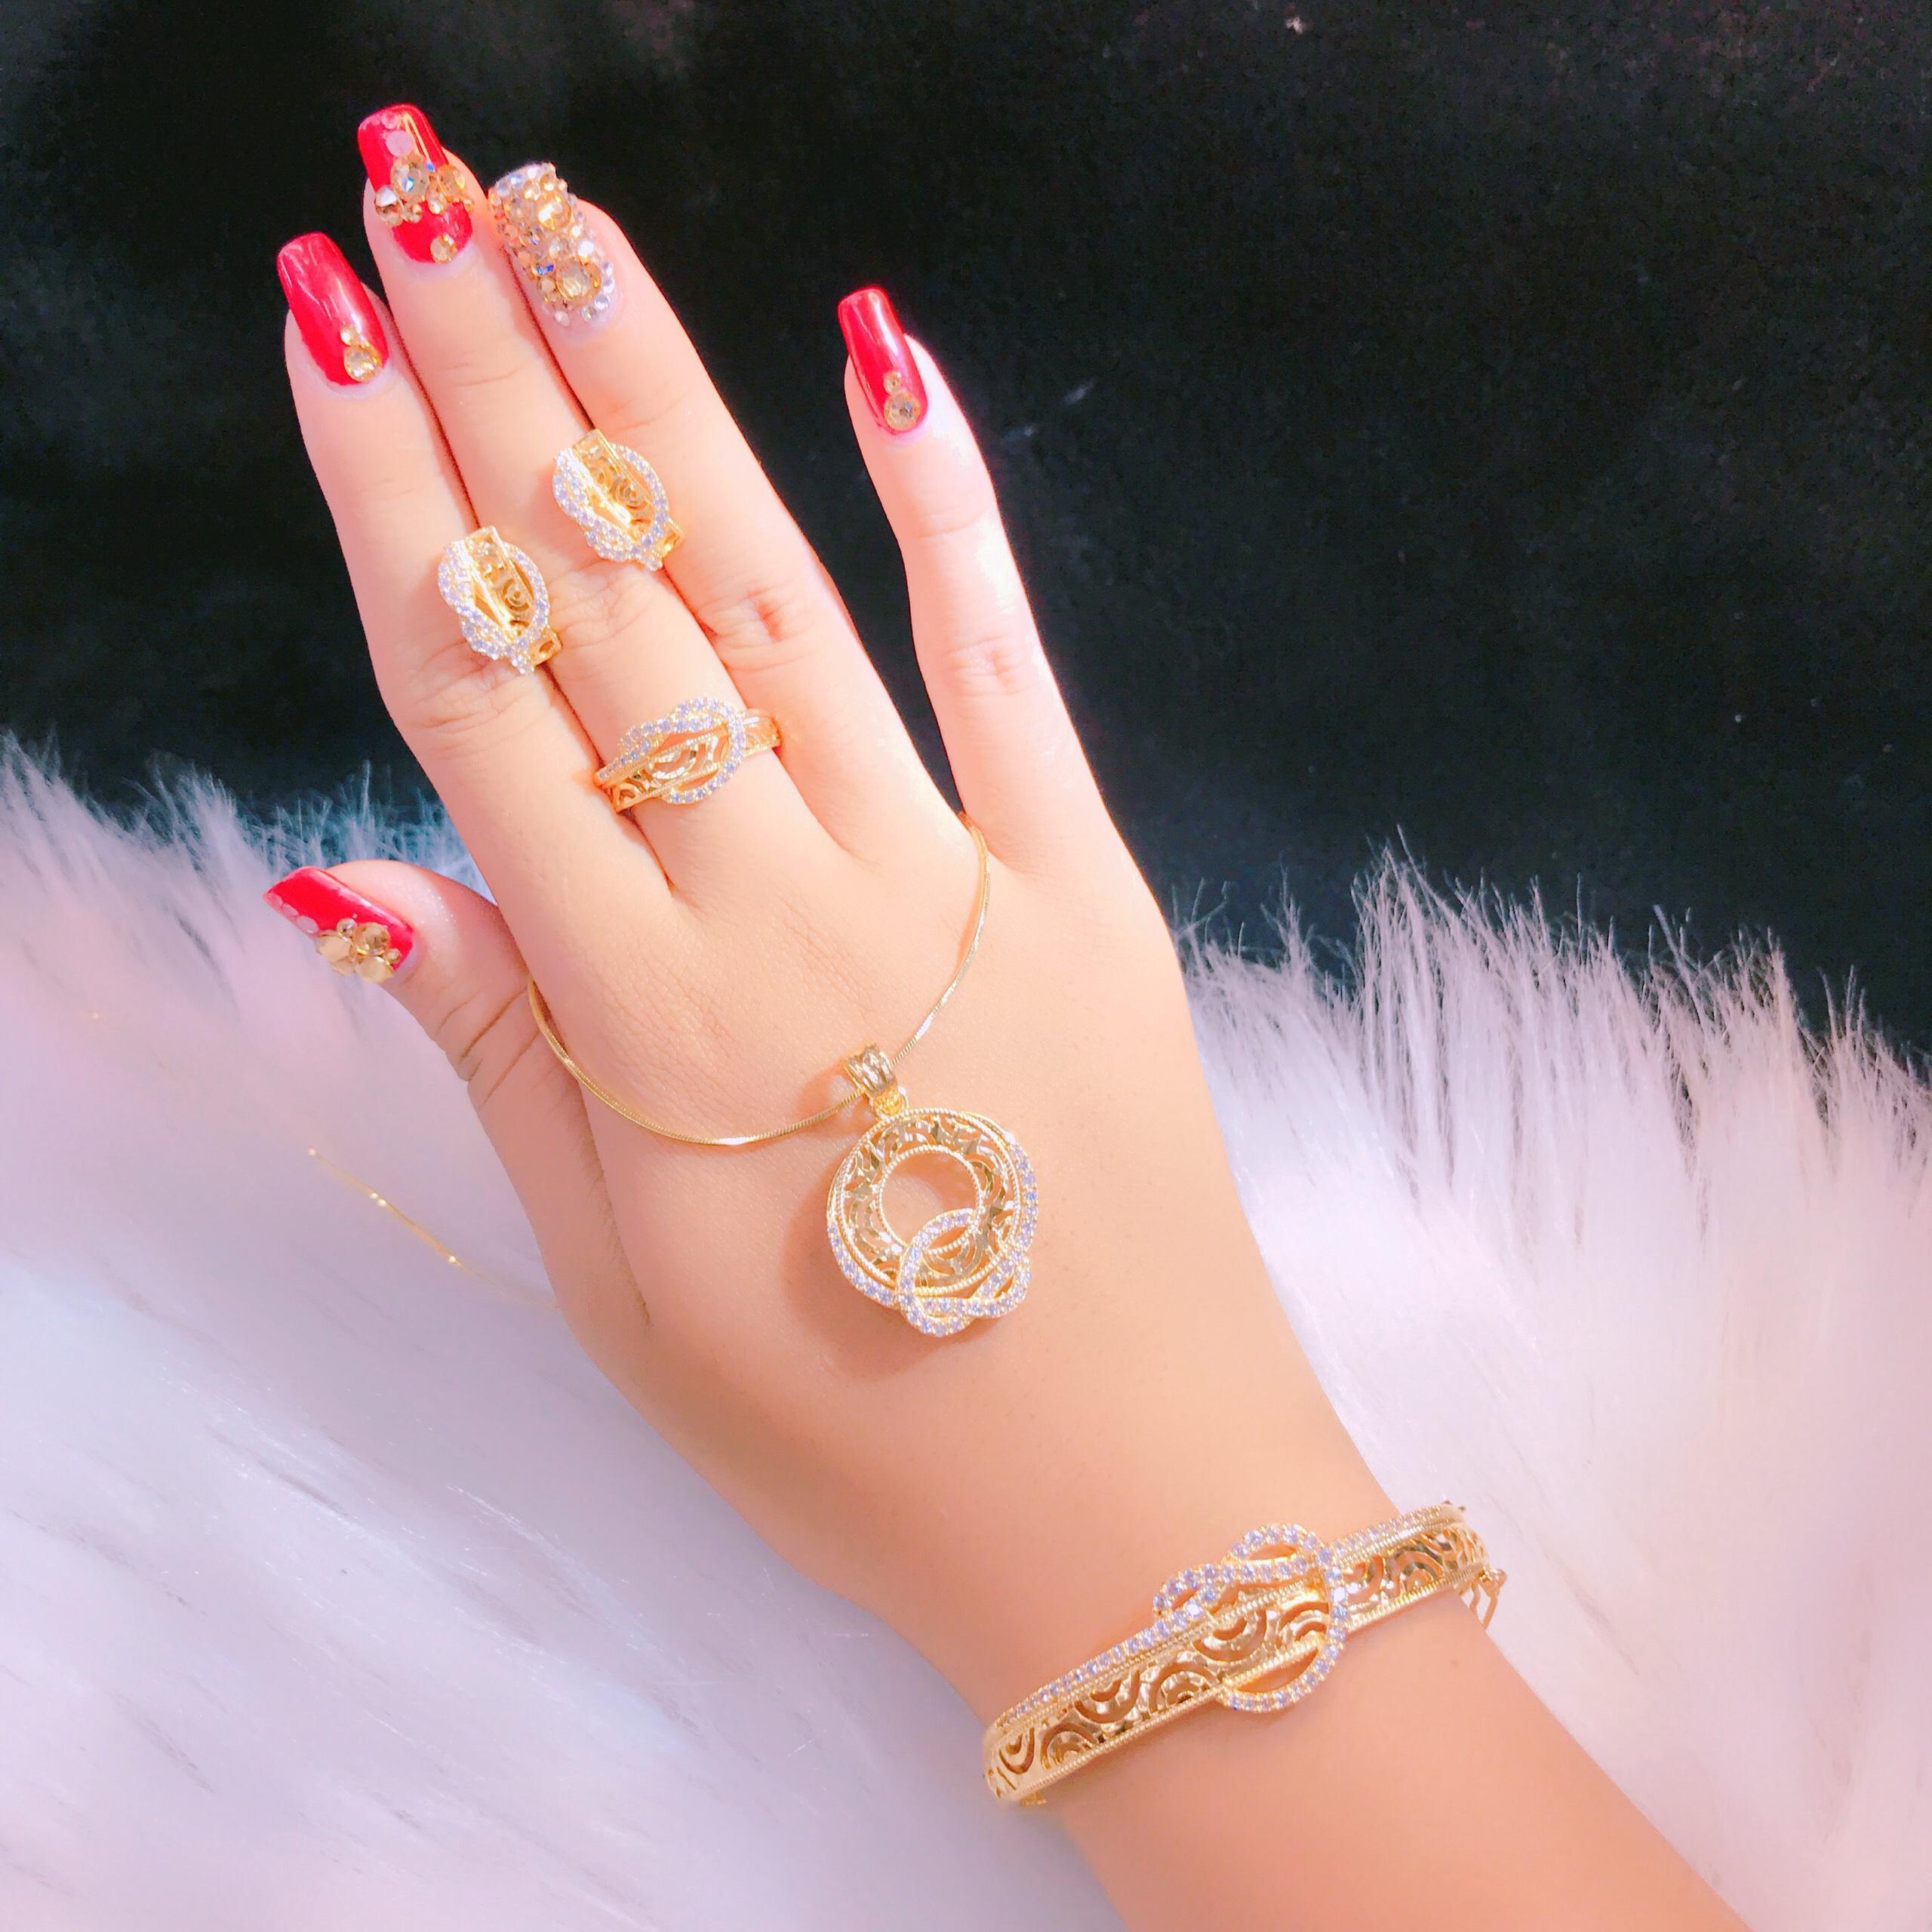 Bộ Trang Sức Xi Vàng 18k - Givishop - B4070721 , Bền Màu, Sáng Như Vàng Thật, Chất Liệu Bạc Thái, Không Đen, Không Ngứa - Thiết Kế Đi Tiệc, vàng cưới bộ, lắc tay nữ bằng vàng, mẫu lắc tay vàng 18k, trang sức vàng tây, vàng tây đẹp